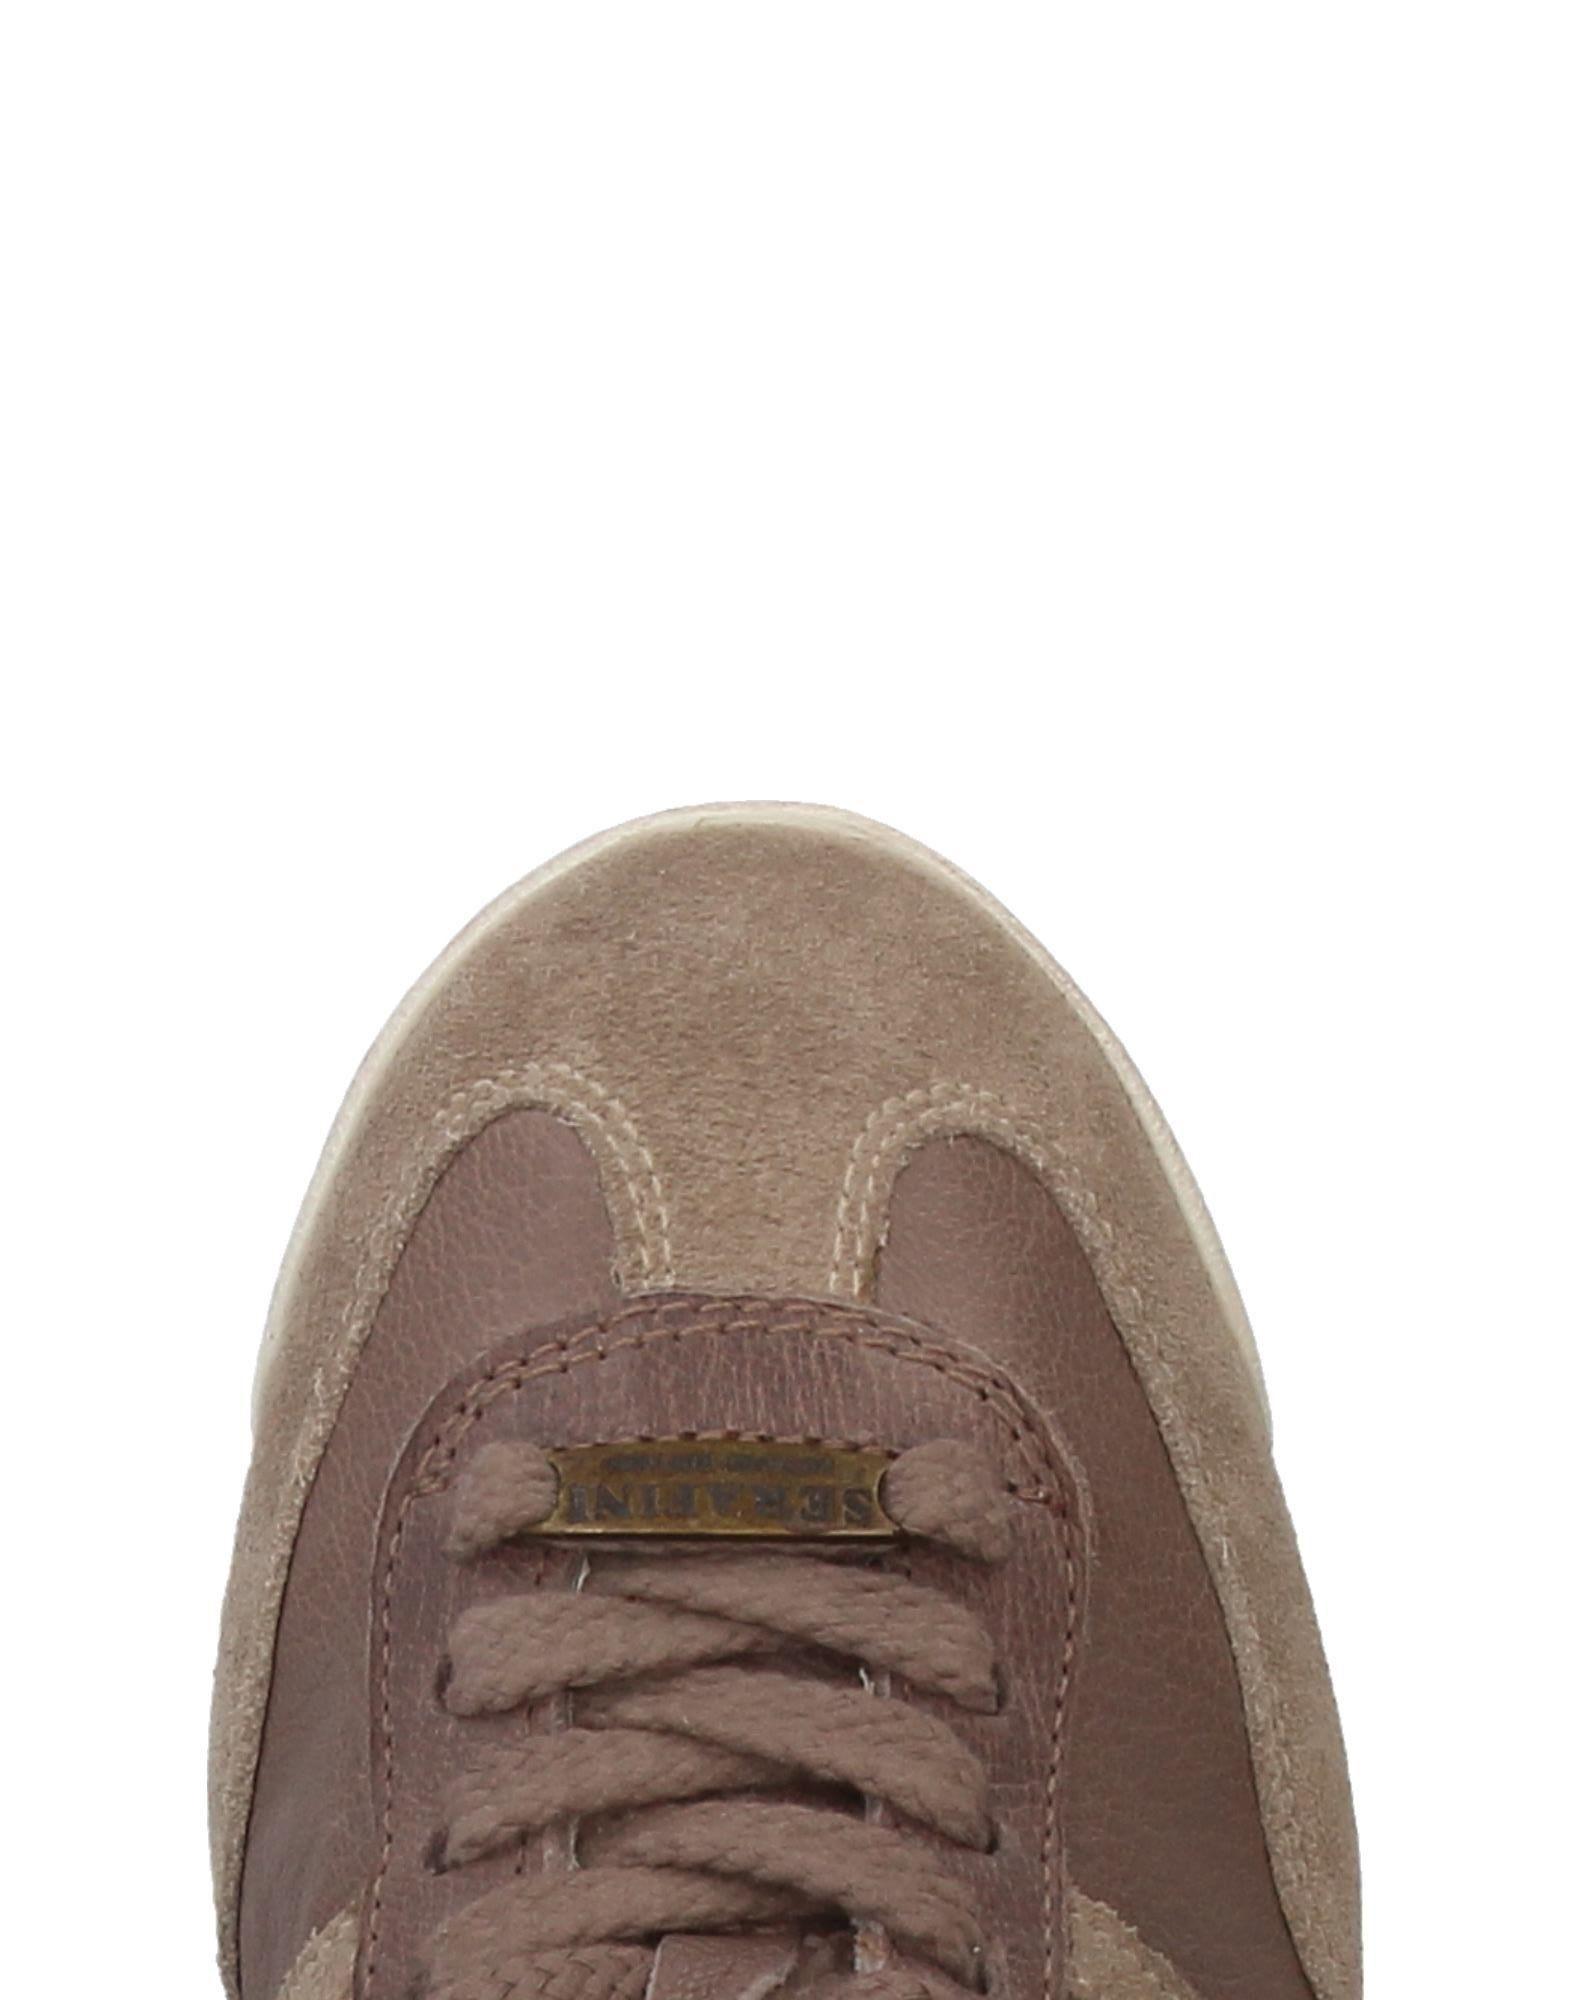 Serafini Sneakers Damen Damen Sneakers Gutes Preis-Leistungs-Verhältnis, es lohnt sich 1186f5